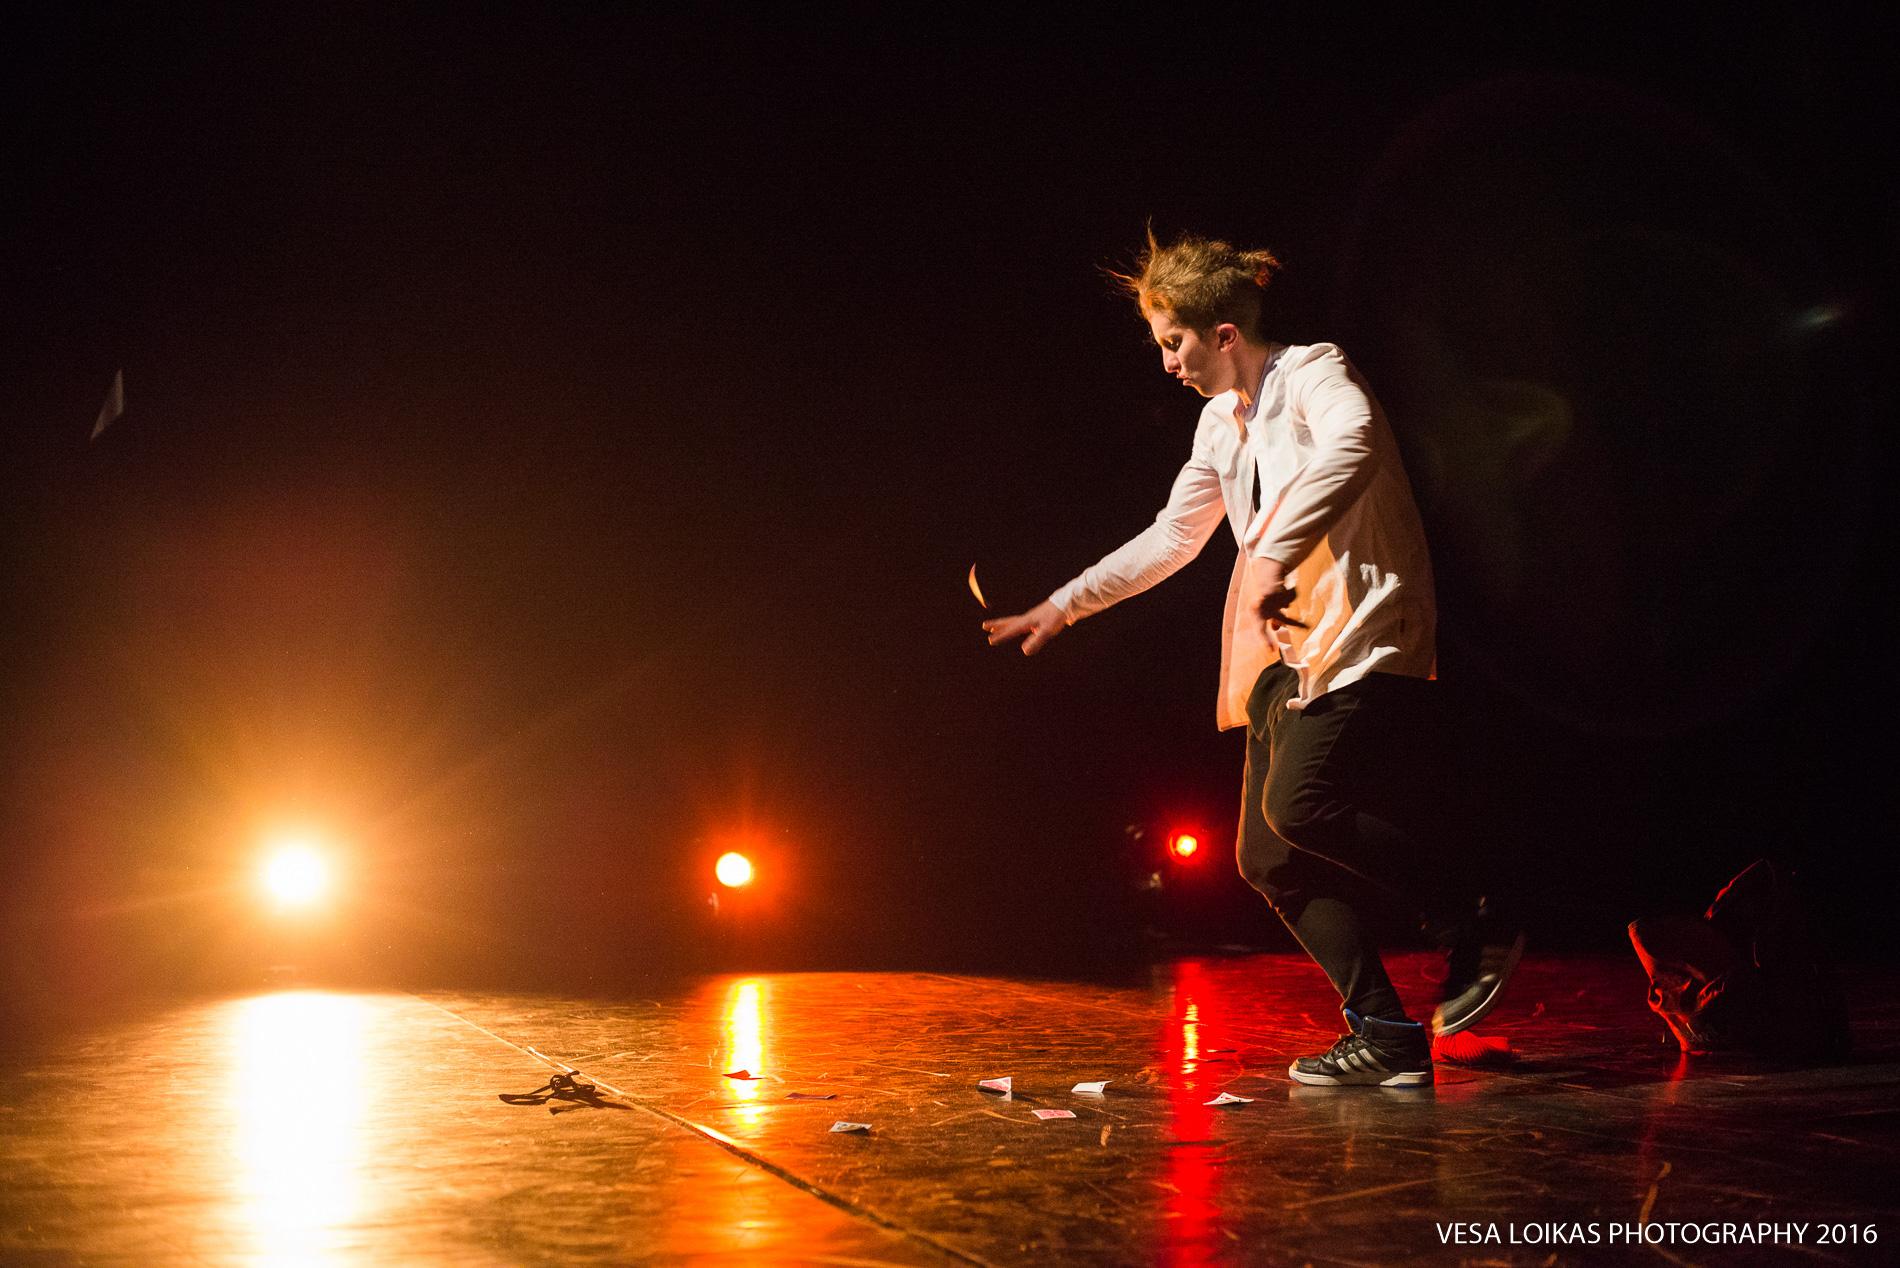 061_ALLSTARS-23-5-2016_VESA_LOIKAS_PHOTOGRAPHY.jpg